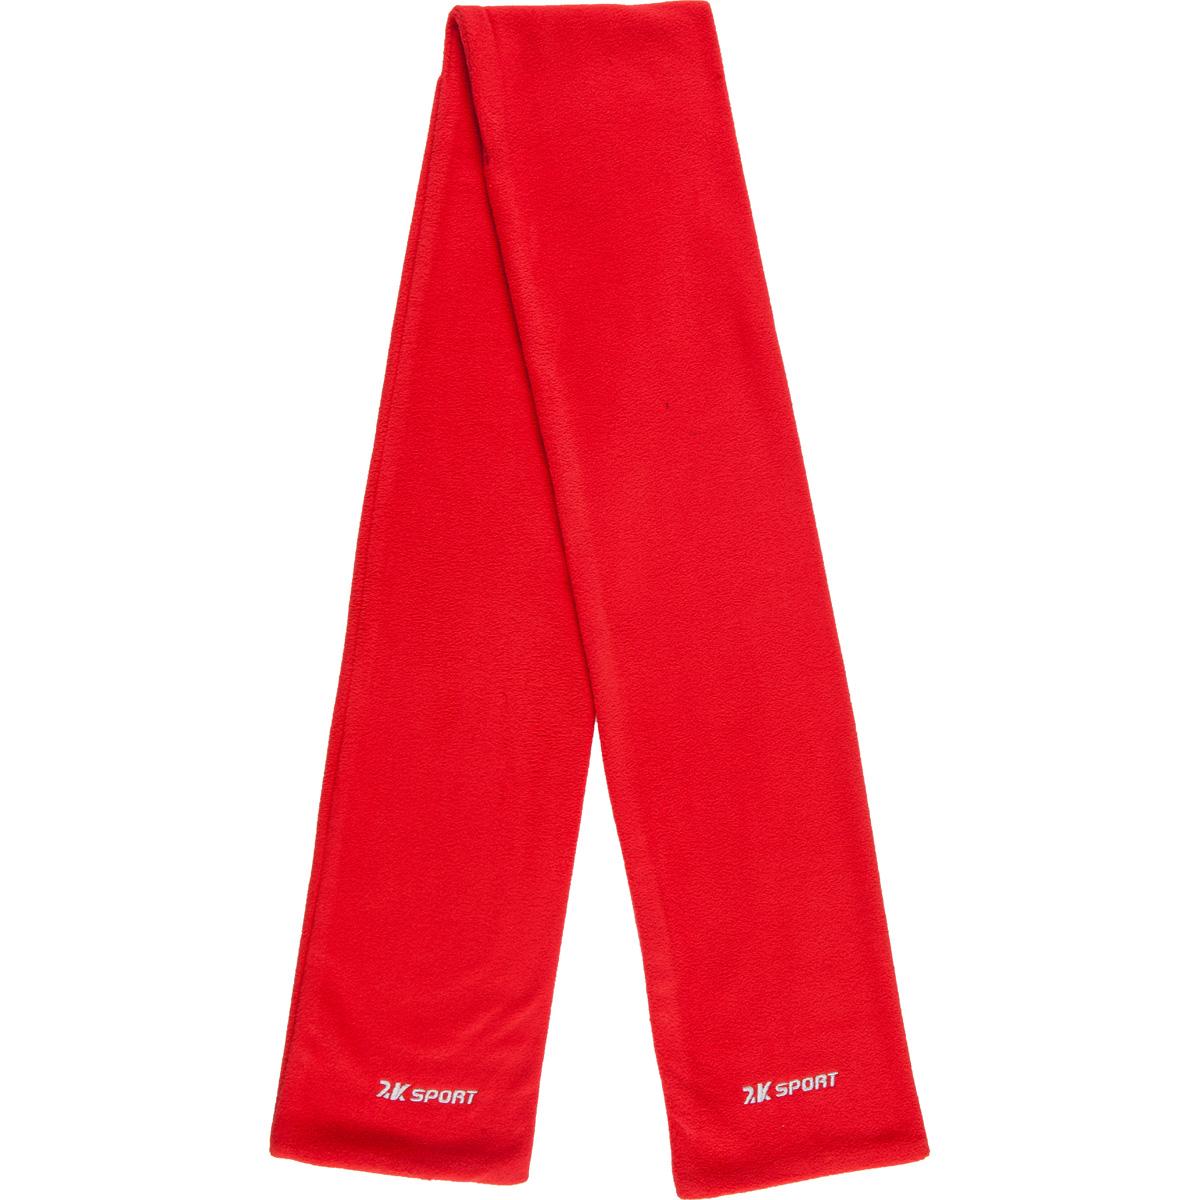 Шарф 2K Sport Classic, цвет: красный. 124035-2. Размер универсальный124035-2_redТеплый флисовый шарф. Отлично защитит от холода.